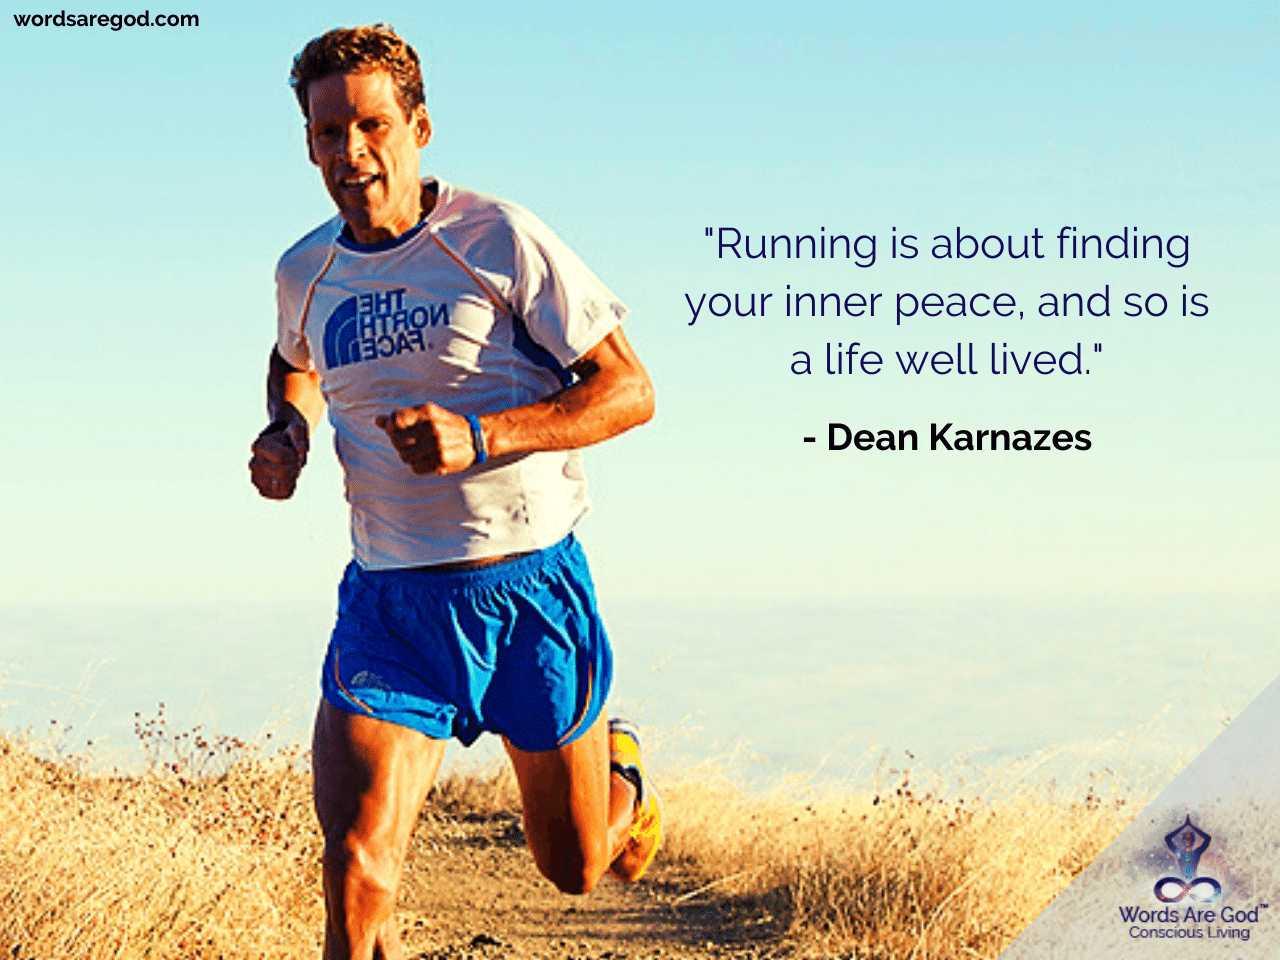 Dean Karnazes Best Quote